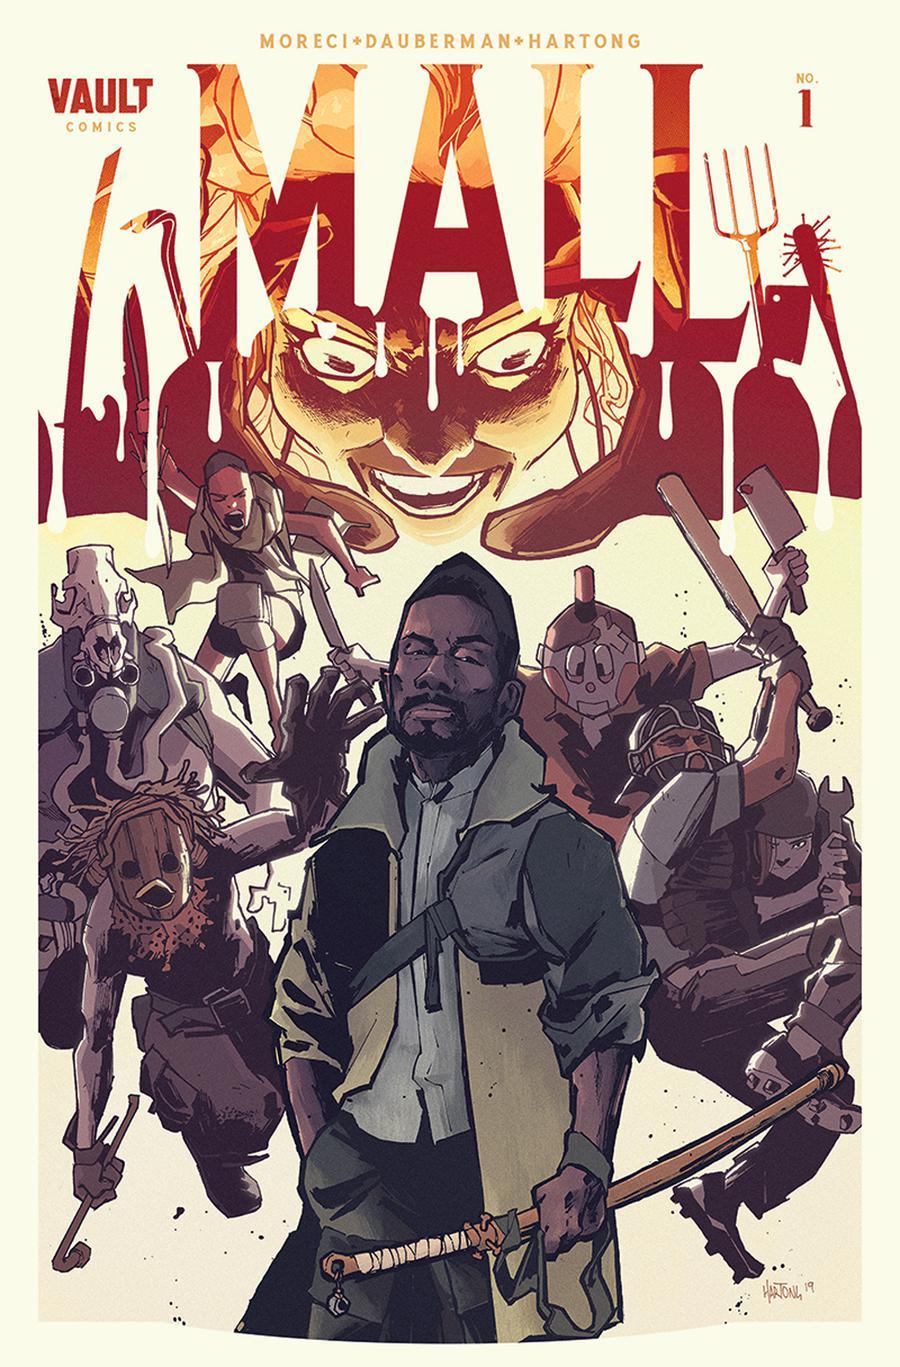 Mall (Vault Comics) #1 Cover A Regular Zak Hartong Cover